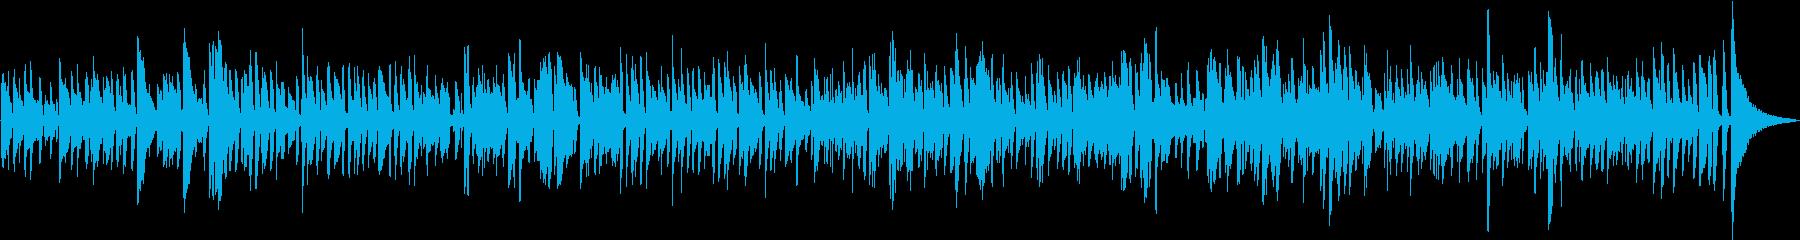 軽快でおしゃれなボサノバギターの再生済みの波形